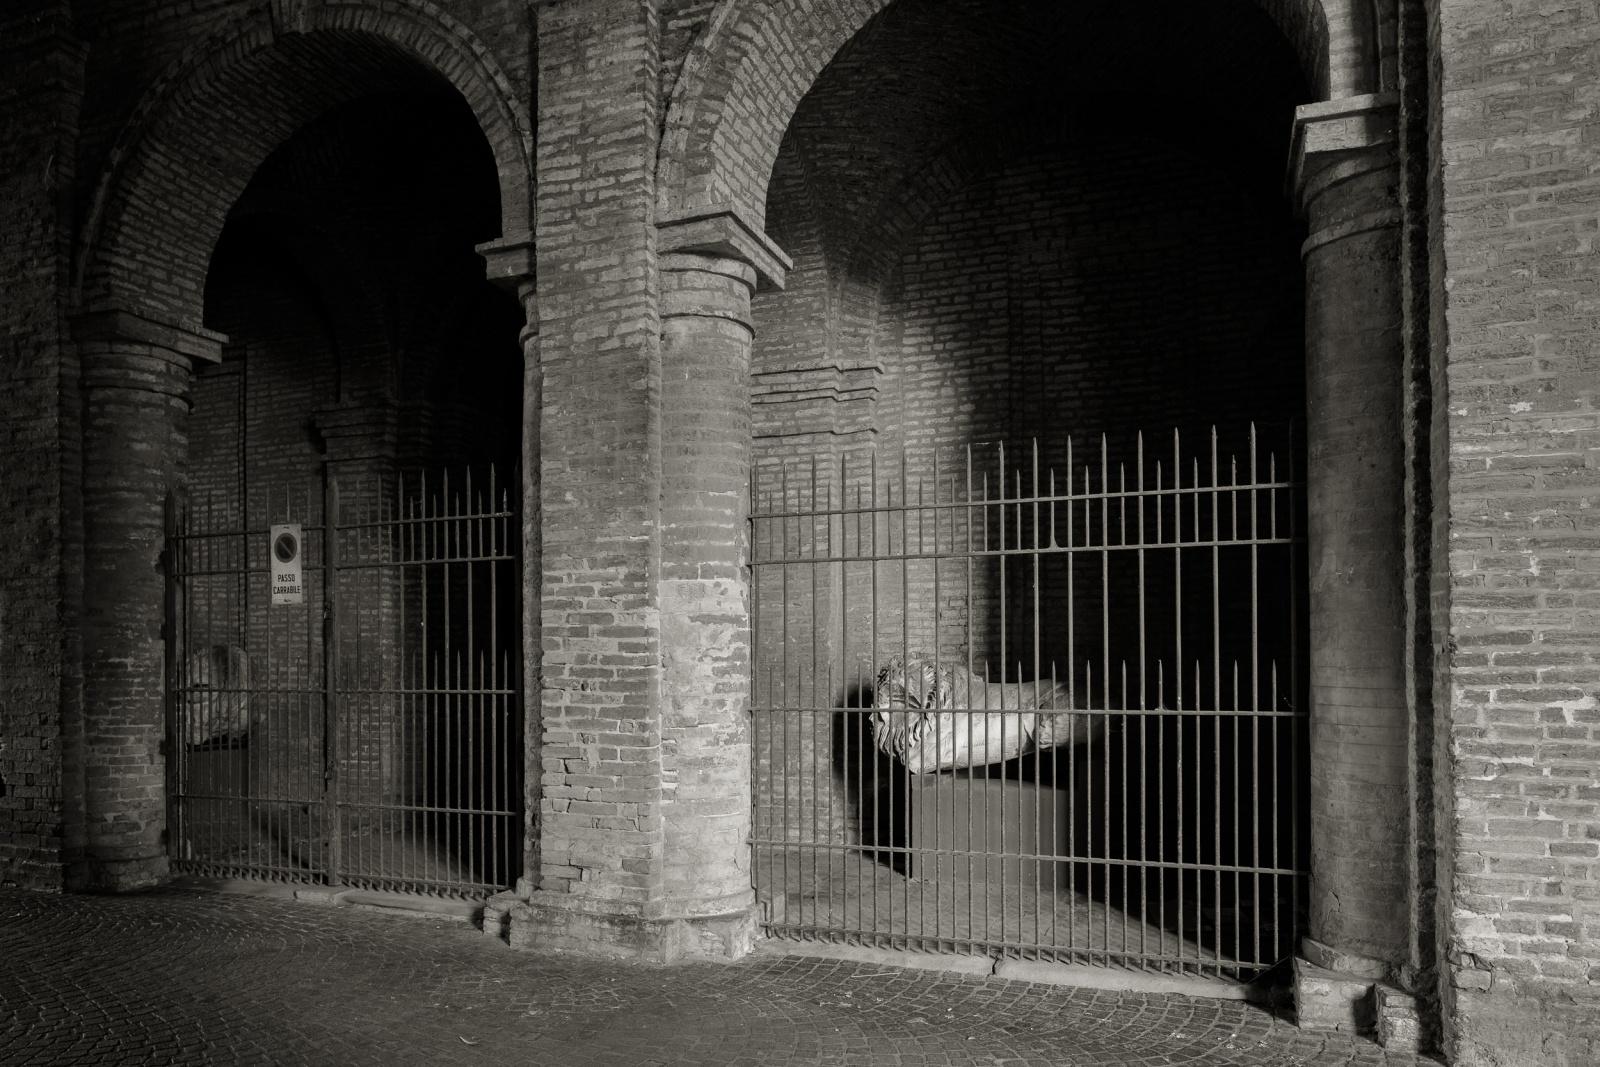 Leone in Pietra di Verona, da monumento sepolcrale rinvenuto nei pressi dell'attuale Via M.D'Azeglio. 100 A.C.